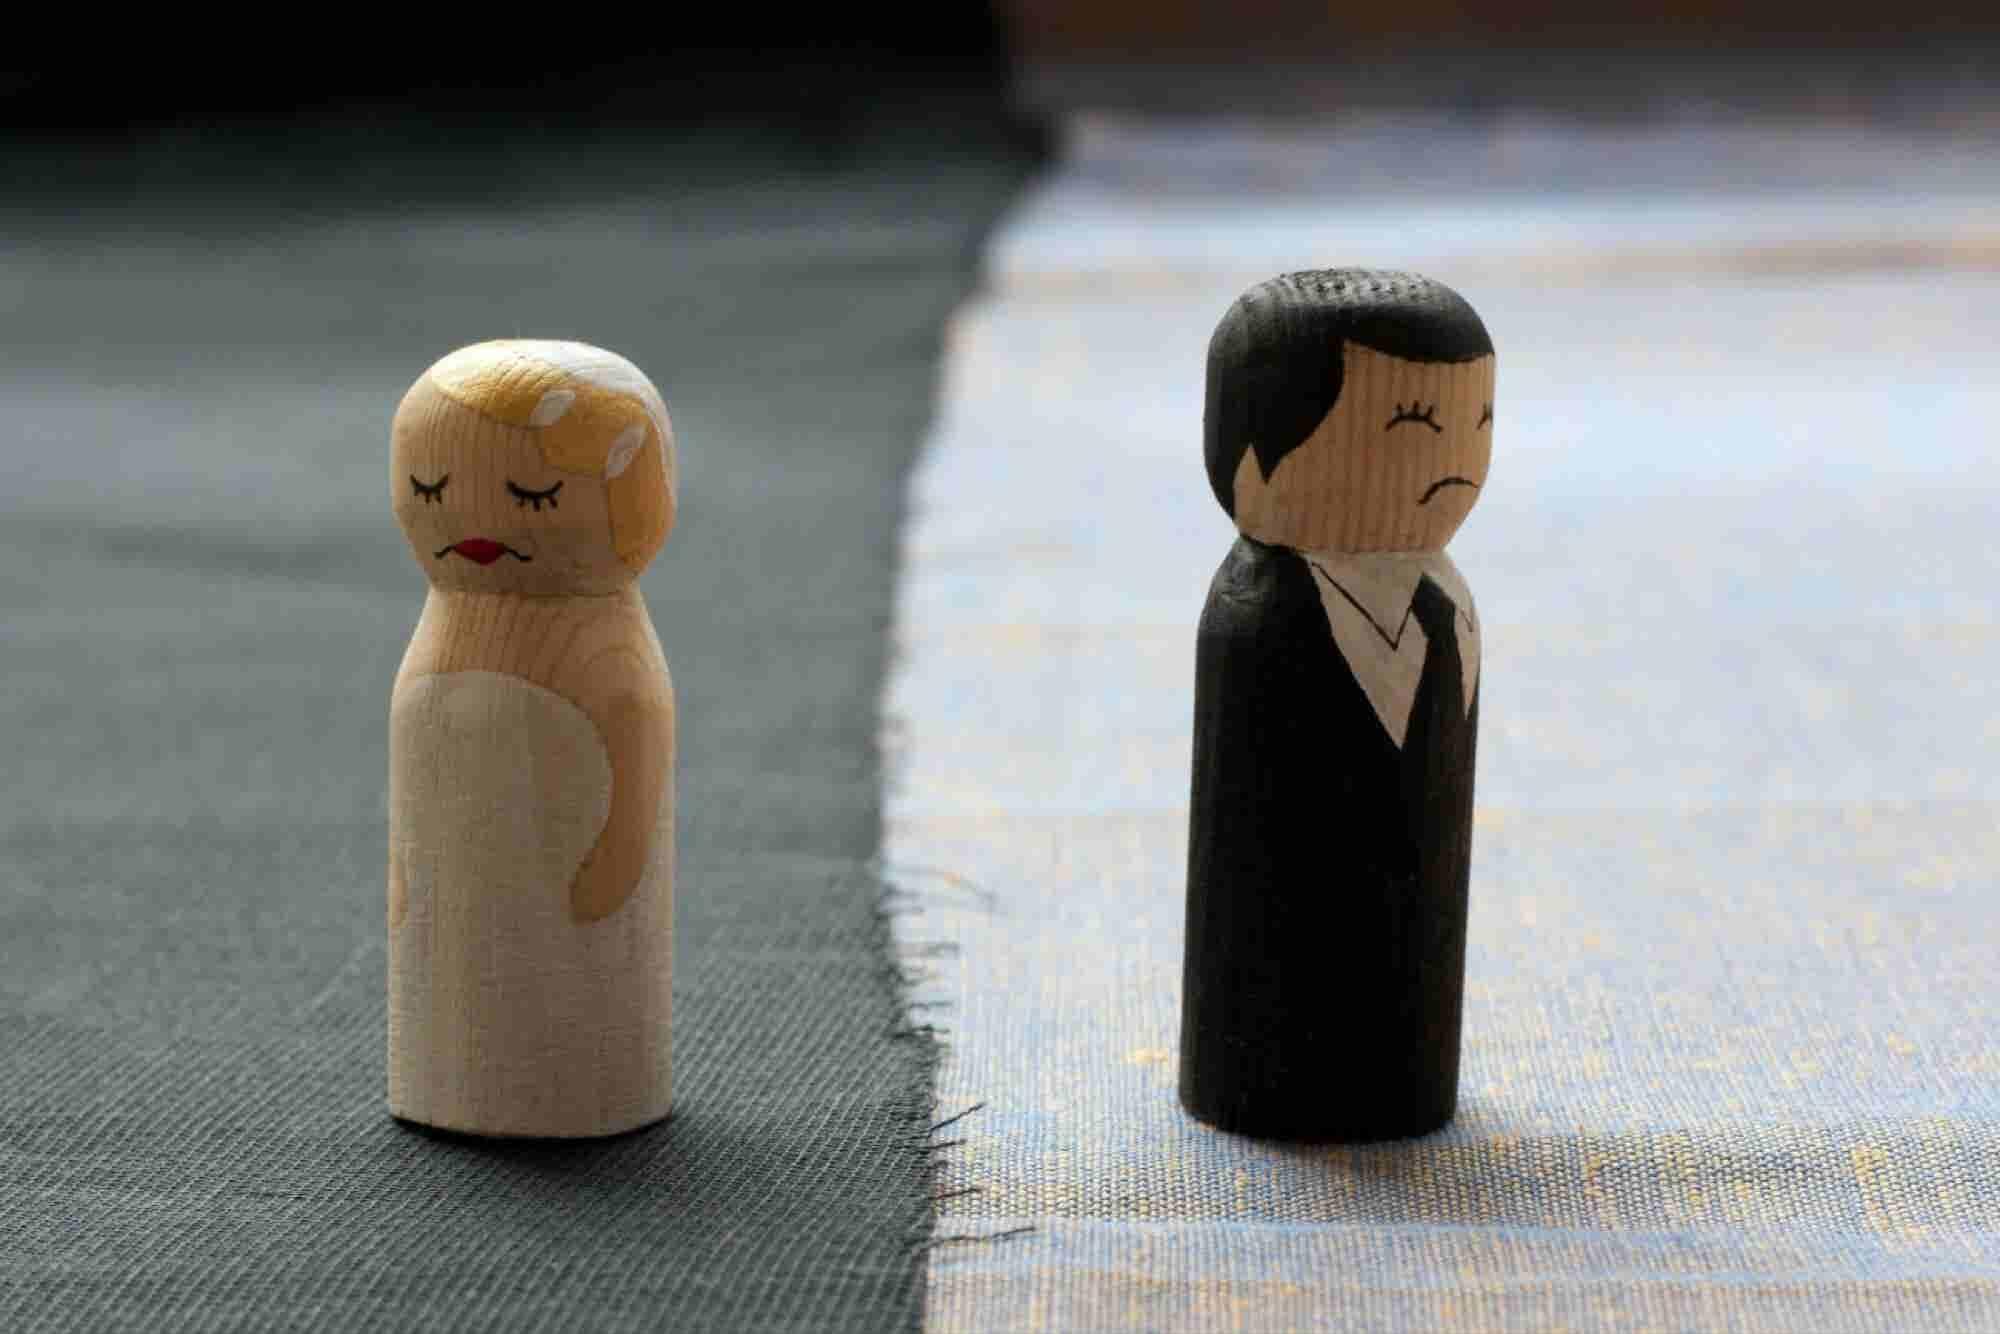 4 señales de que una relación está fallando